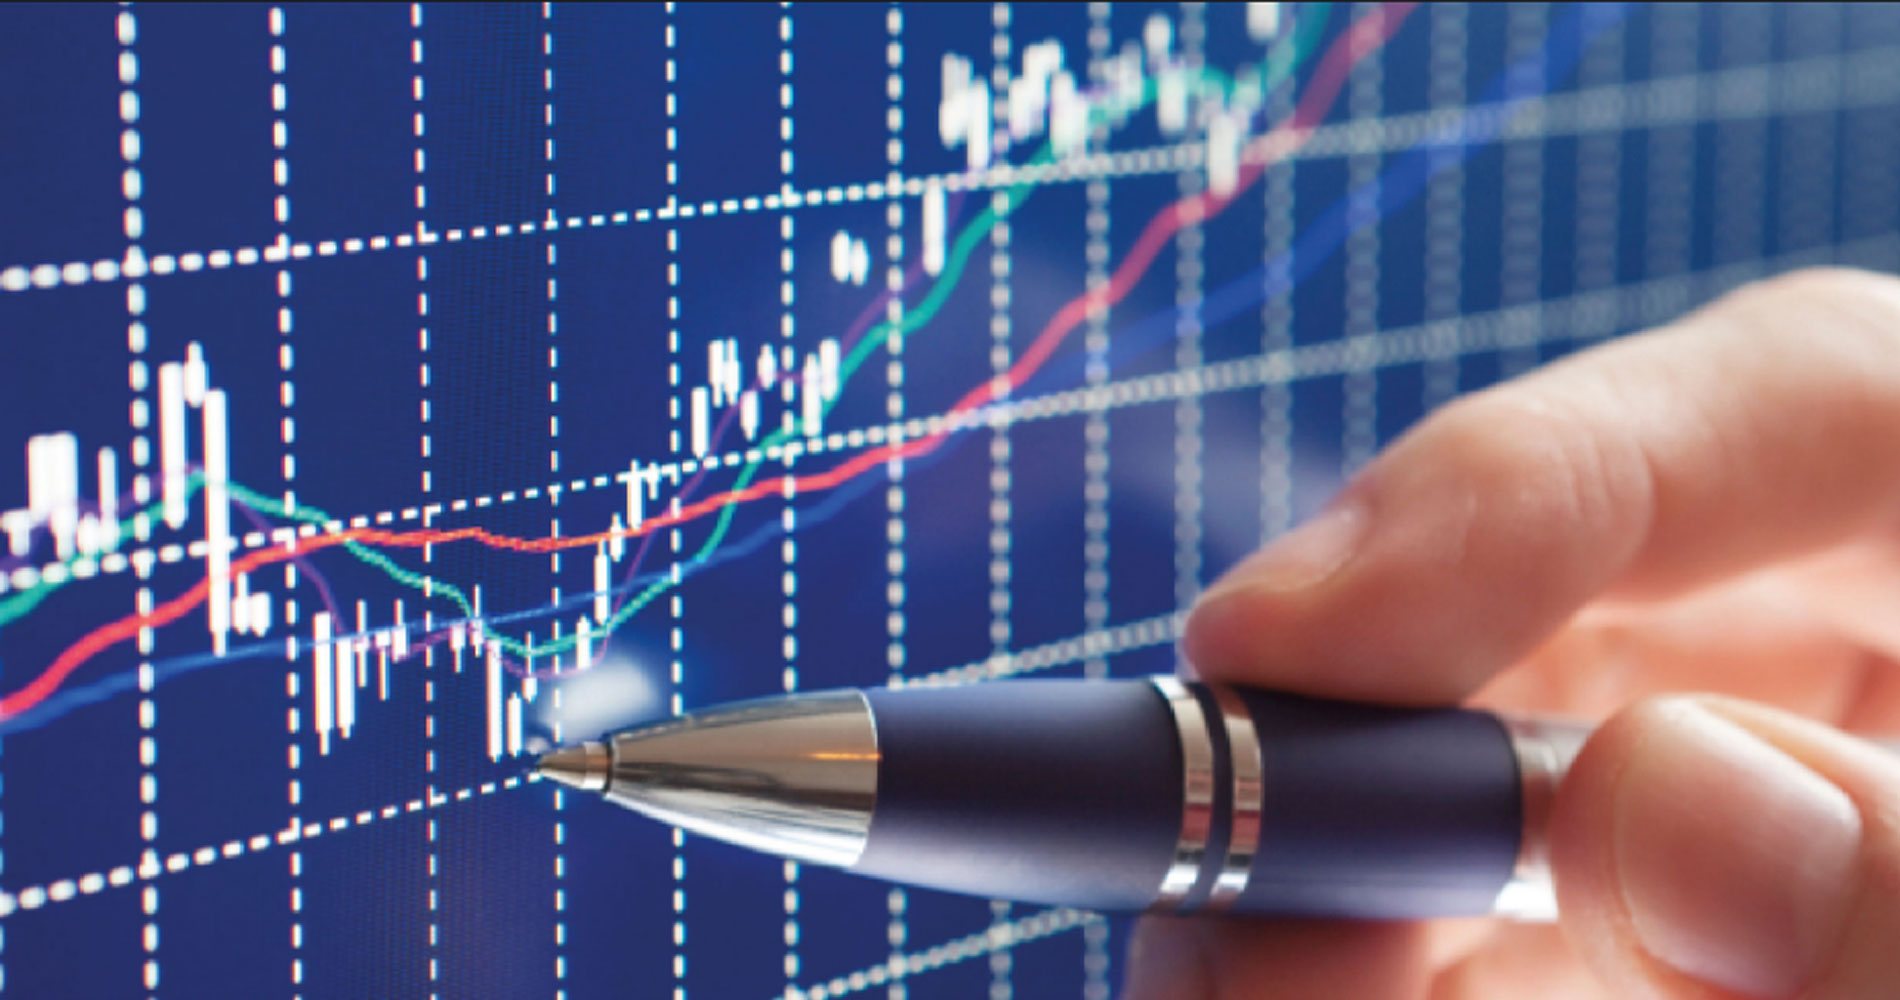 Los analistas observan un punto de inflexión para el ciclo económico en la segunda mitad del año